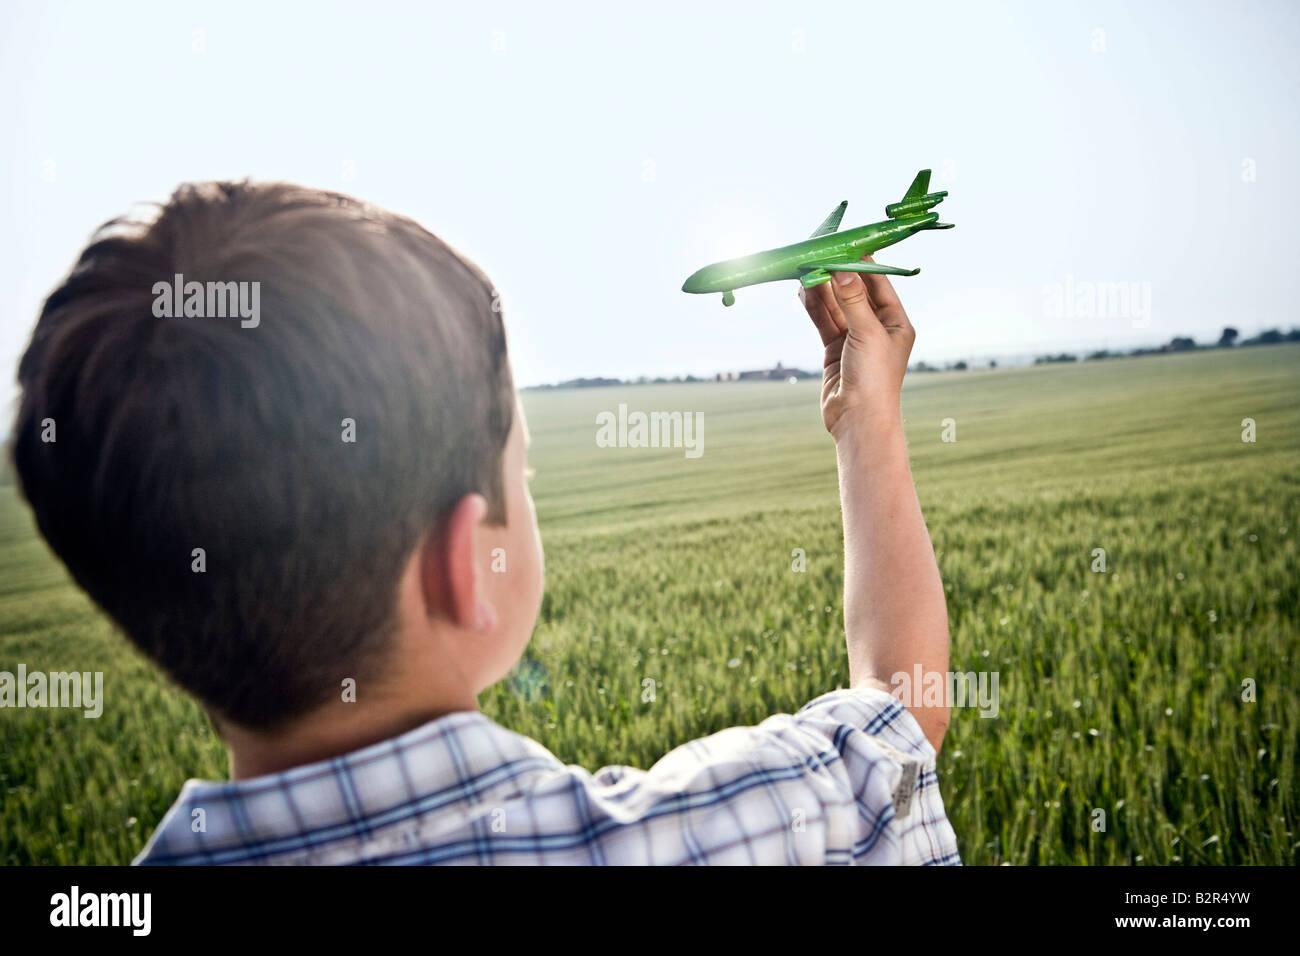 Niño jugando con el avión de juguete Imagen De Stock